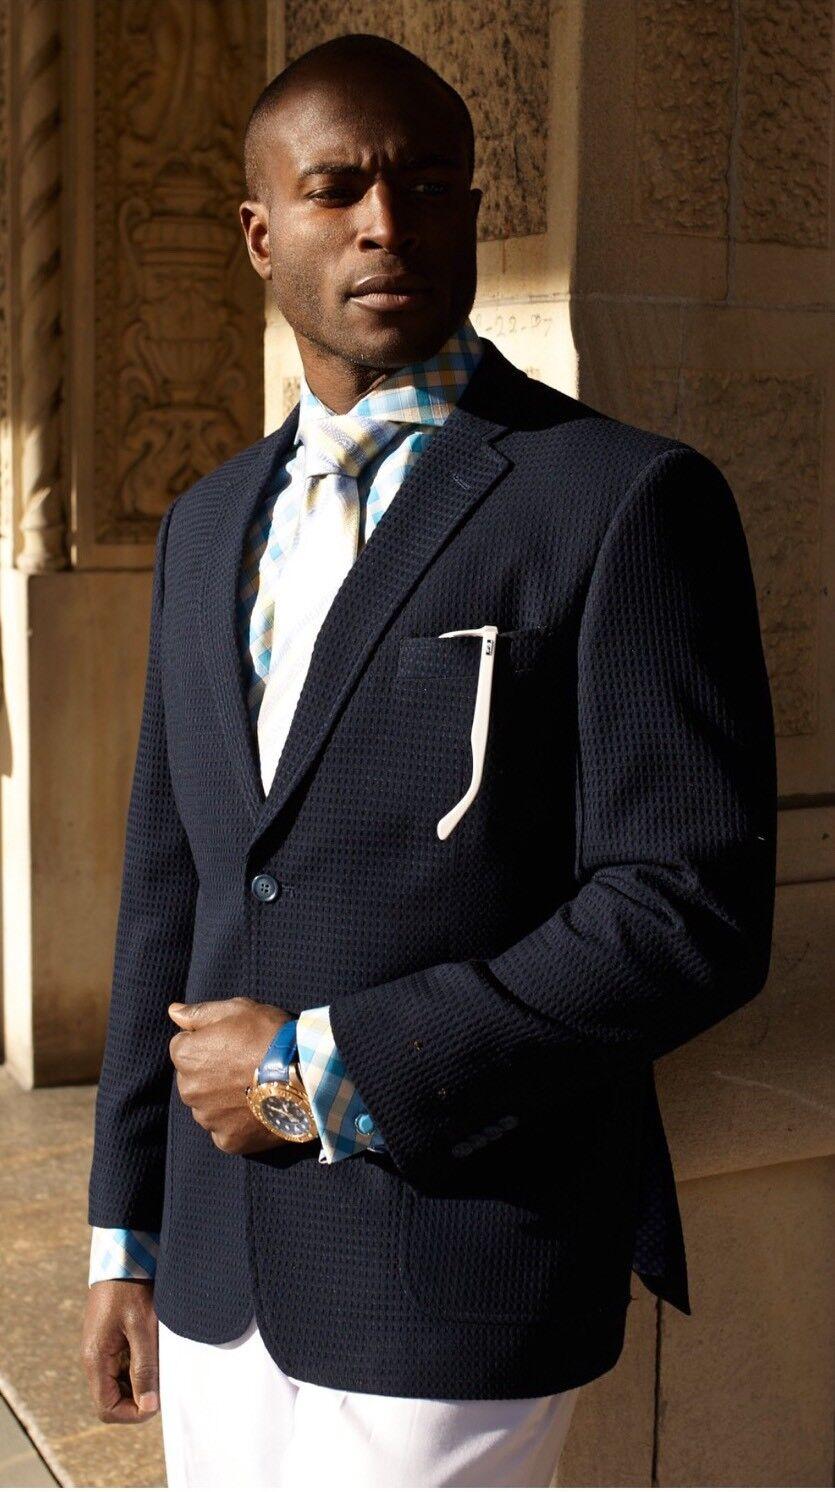 Stevenland Klassische Passform Schwarz Waffel Blazer Sport Mantel   | Einfach zu bedienen  |  Neuer Markt  | Reichlich Und Pünktliche Lieferung